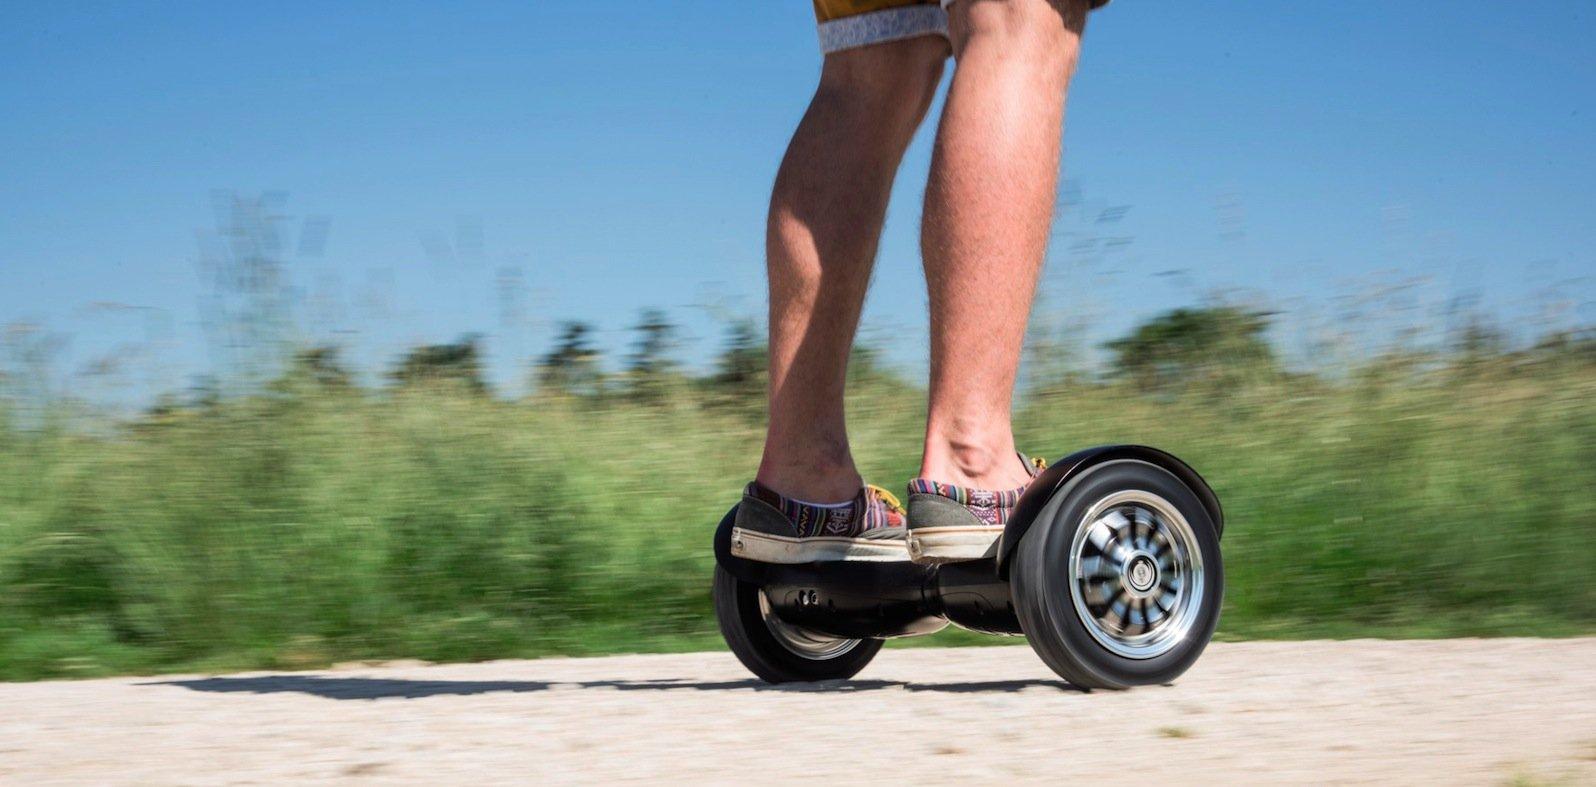 Größere Ausflüge möglich: Die Hama-Scooter haben eine Reichweite von bis zu 18 Kilometern.